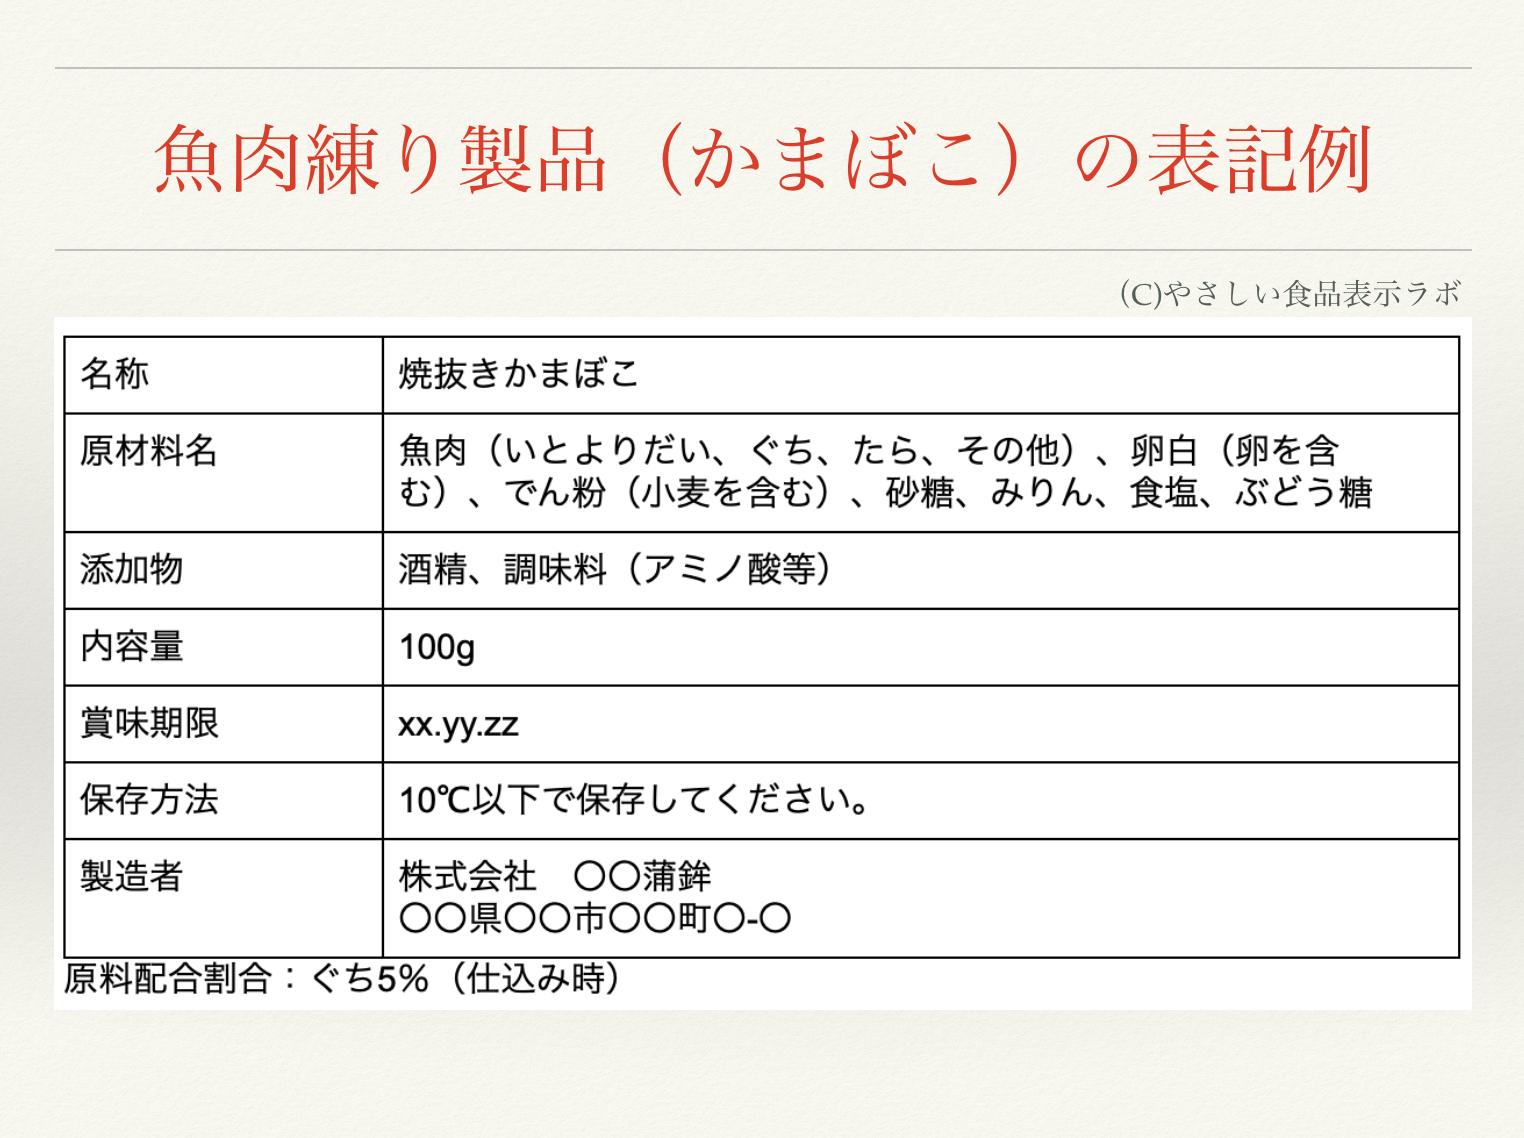 魚肉練り製品(かまぼこ)の食品表示例